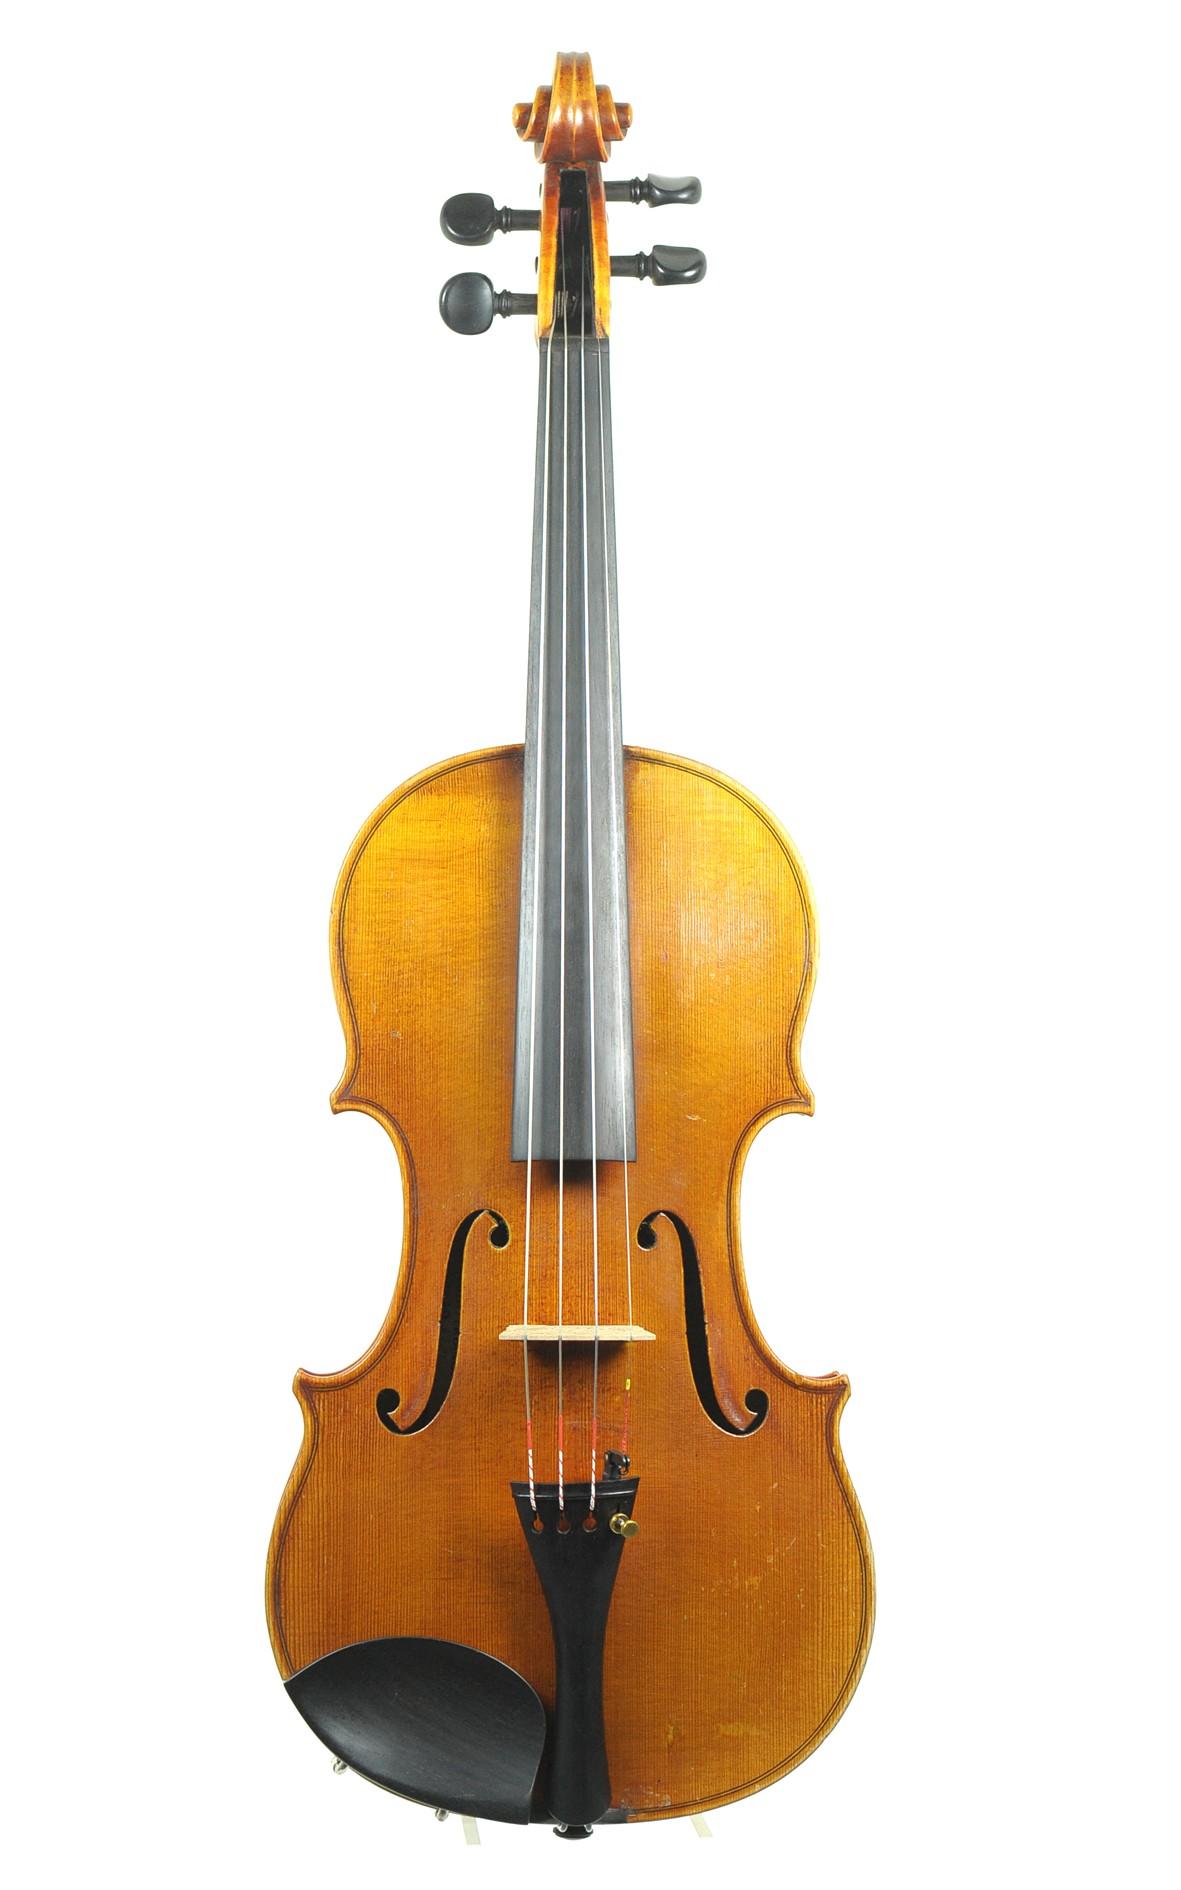 Geige von Ernst Heinrich Roth, 1962 (Zertifikat E. H. Roth)